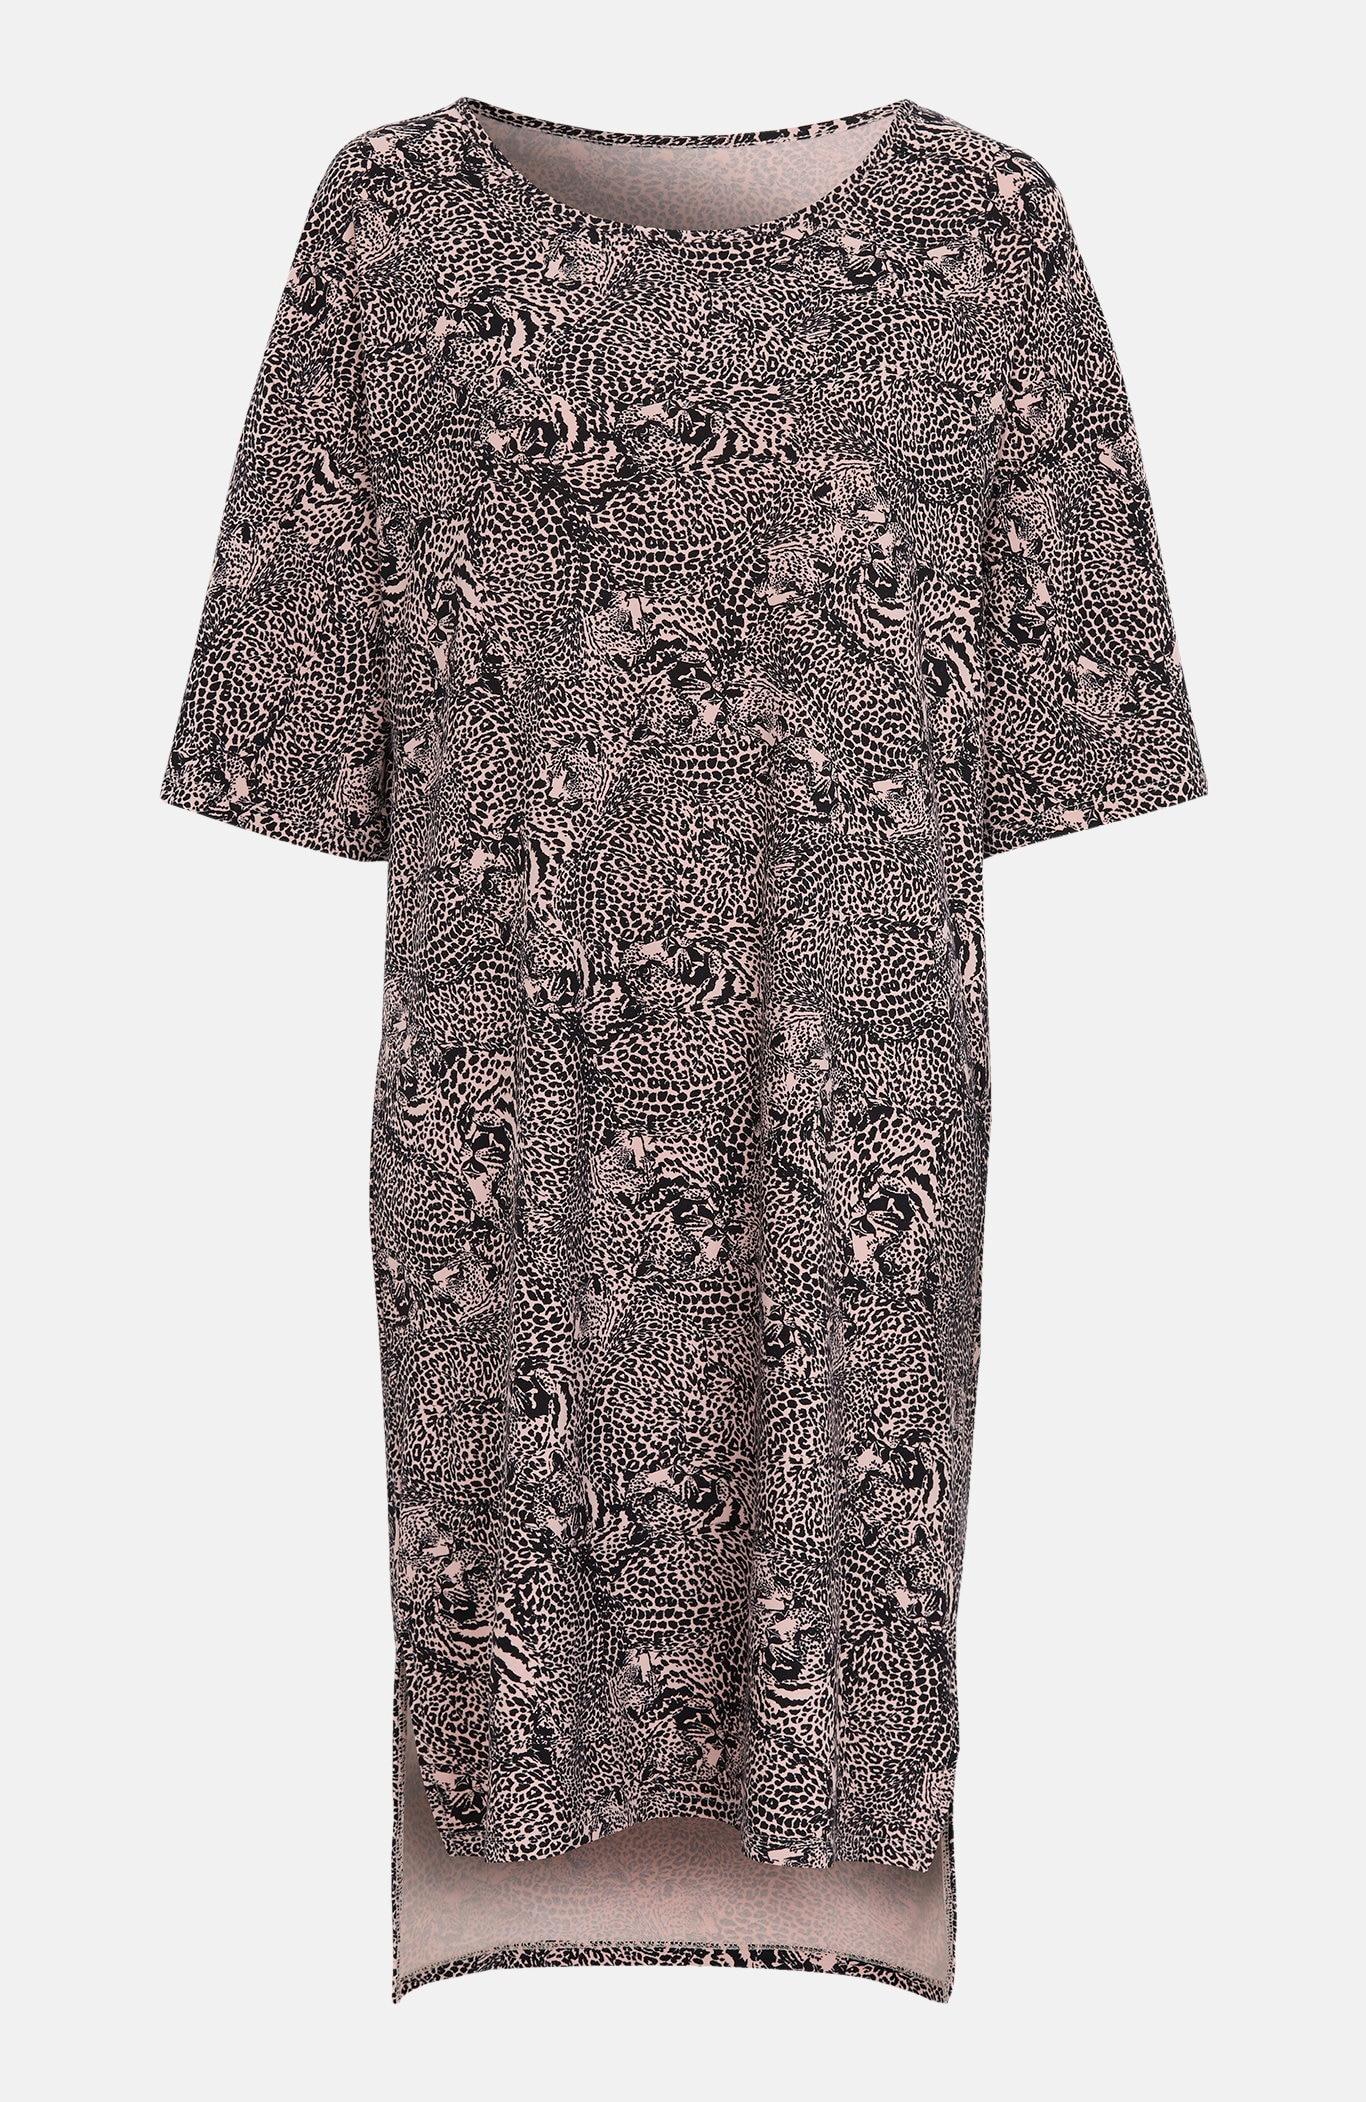 Sukienka we wzory zwierzęce